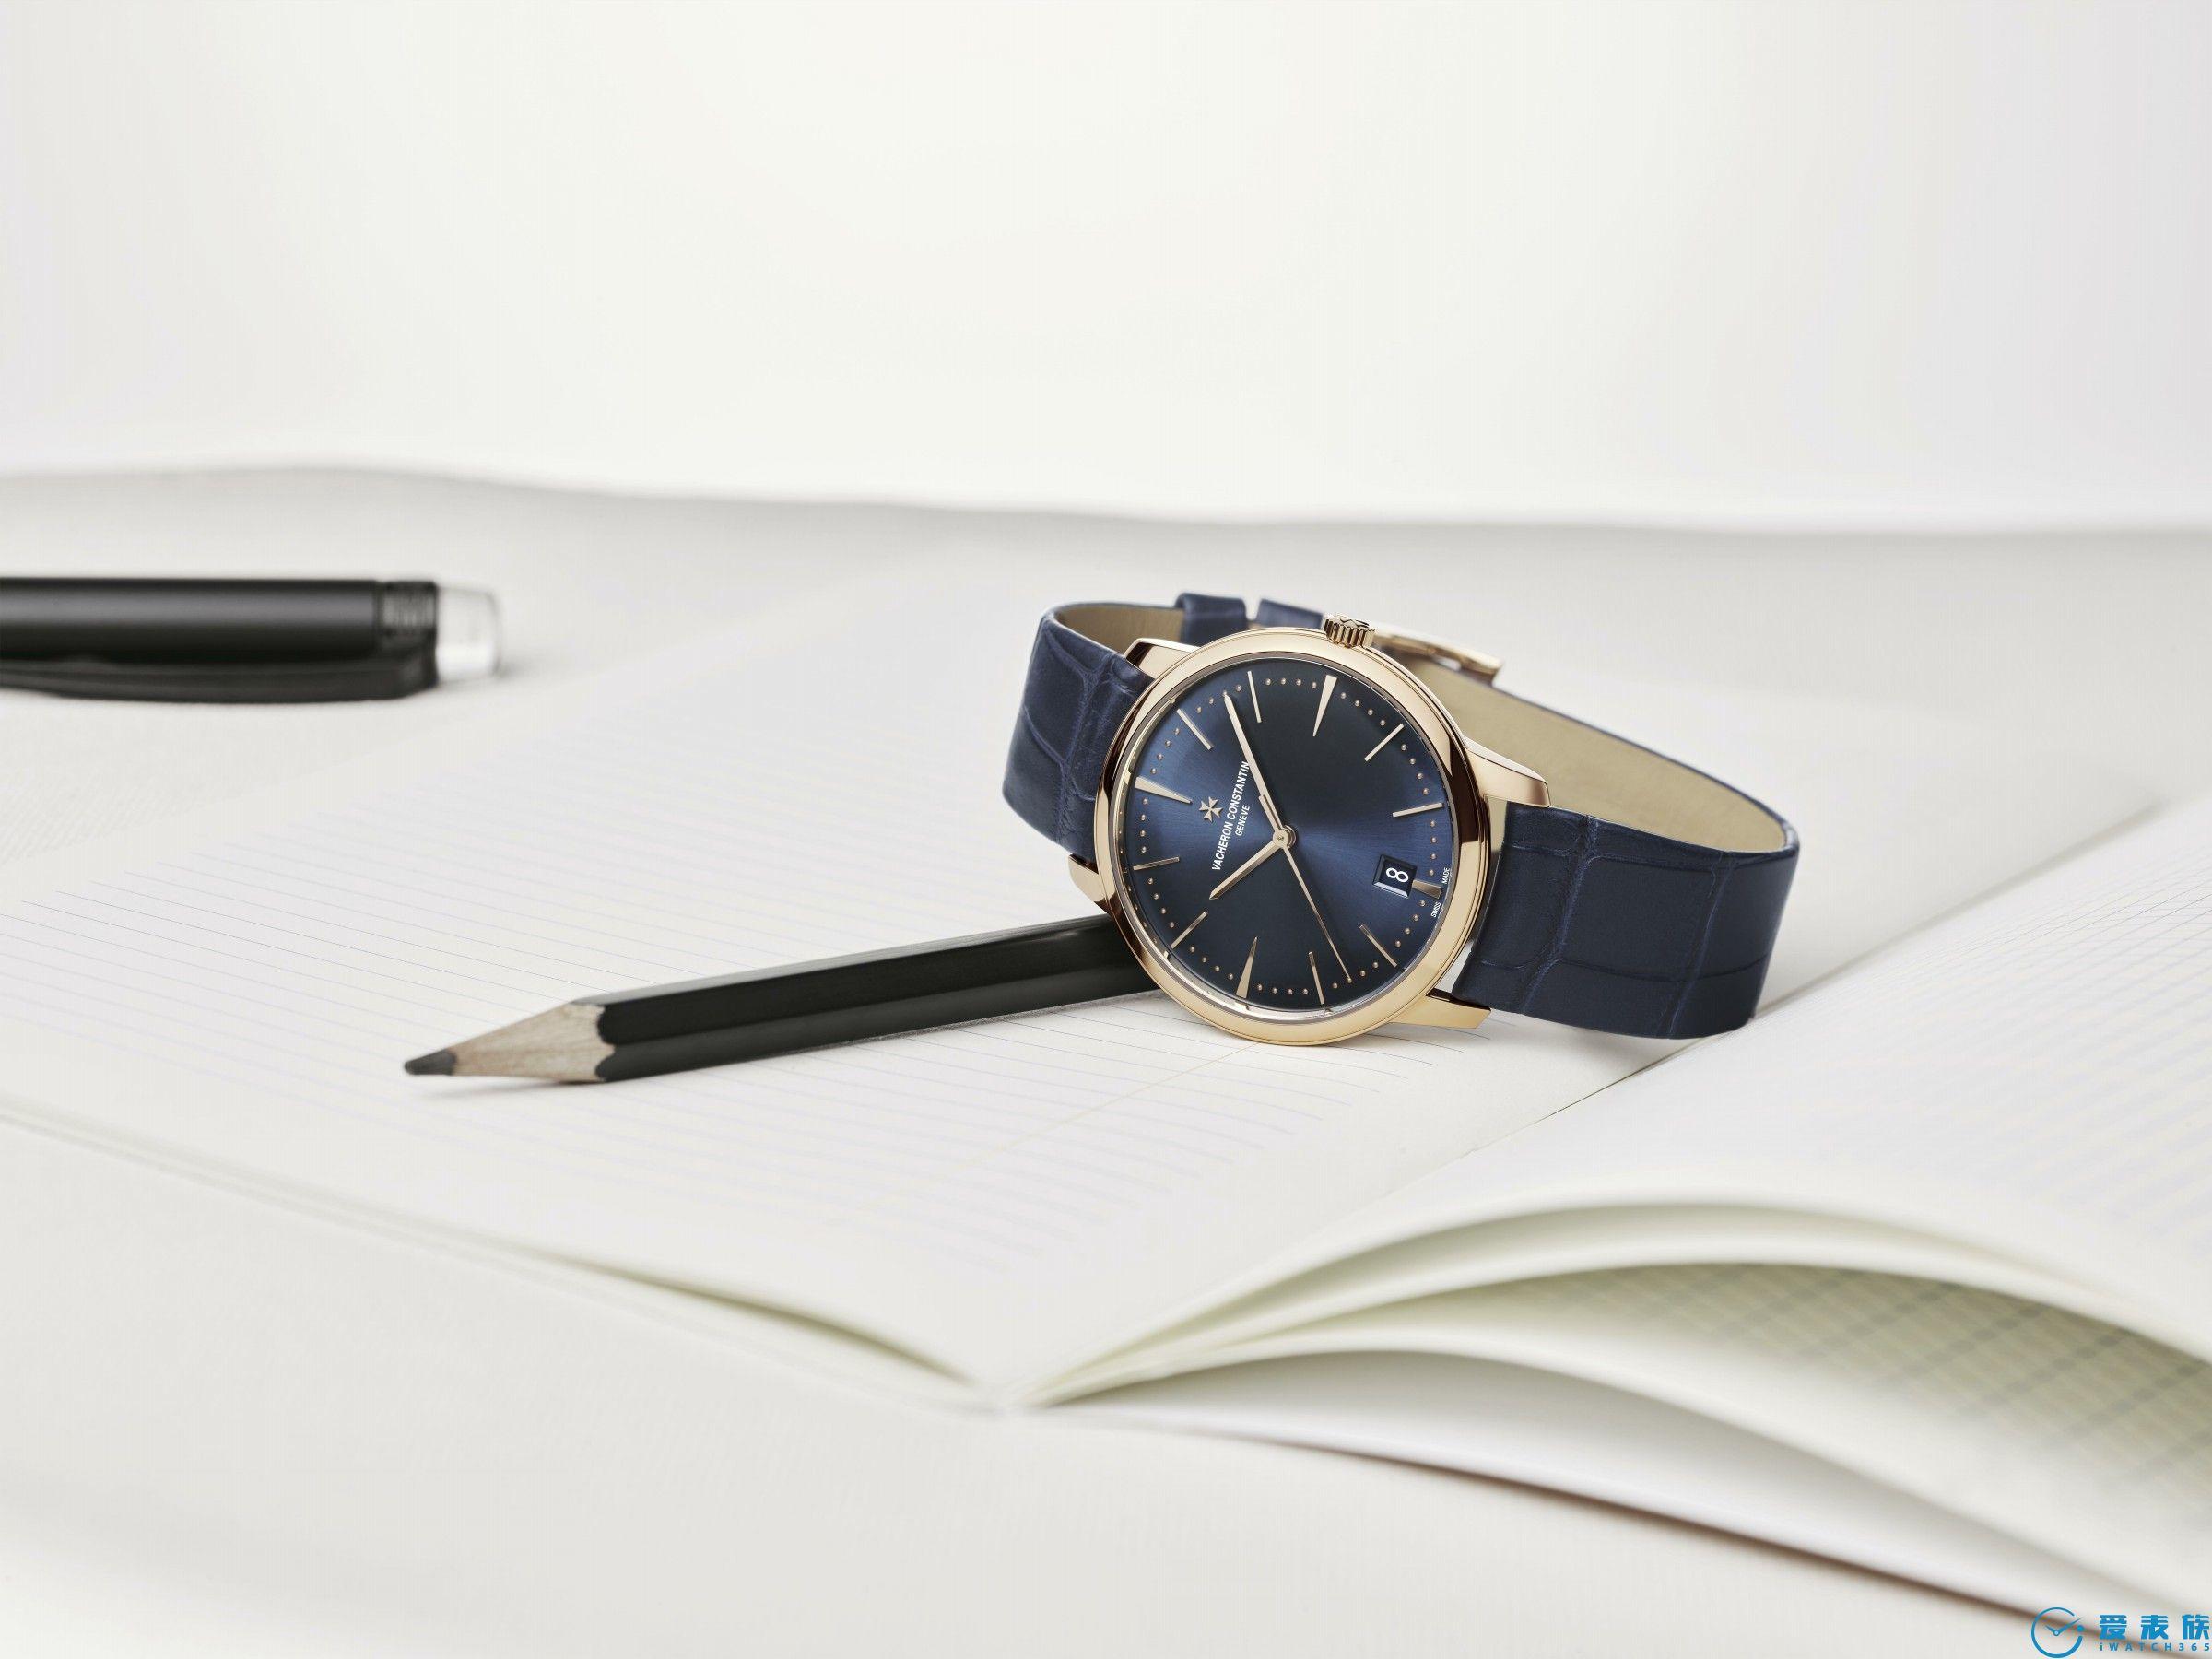 Patrimony传承系列自动上链腕表 午夜蓝的简约优雅之姿